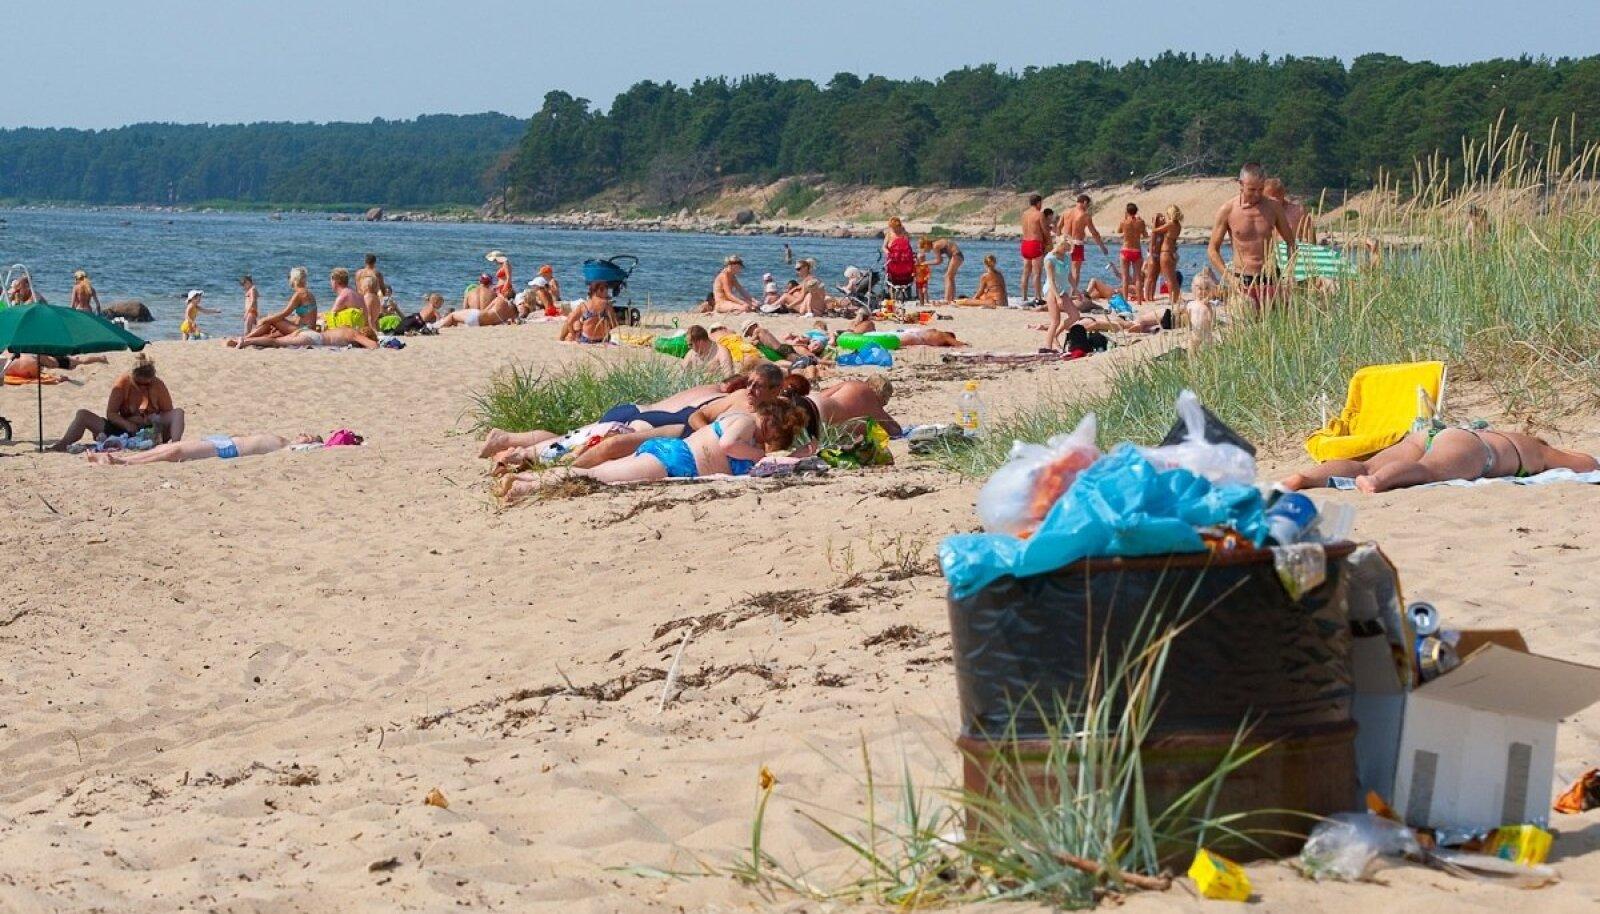 Rämpsuga oli randades muret ennegi, aga nüüd pole sinna üldse vaja prügikaste paigaldada.